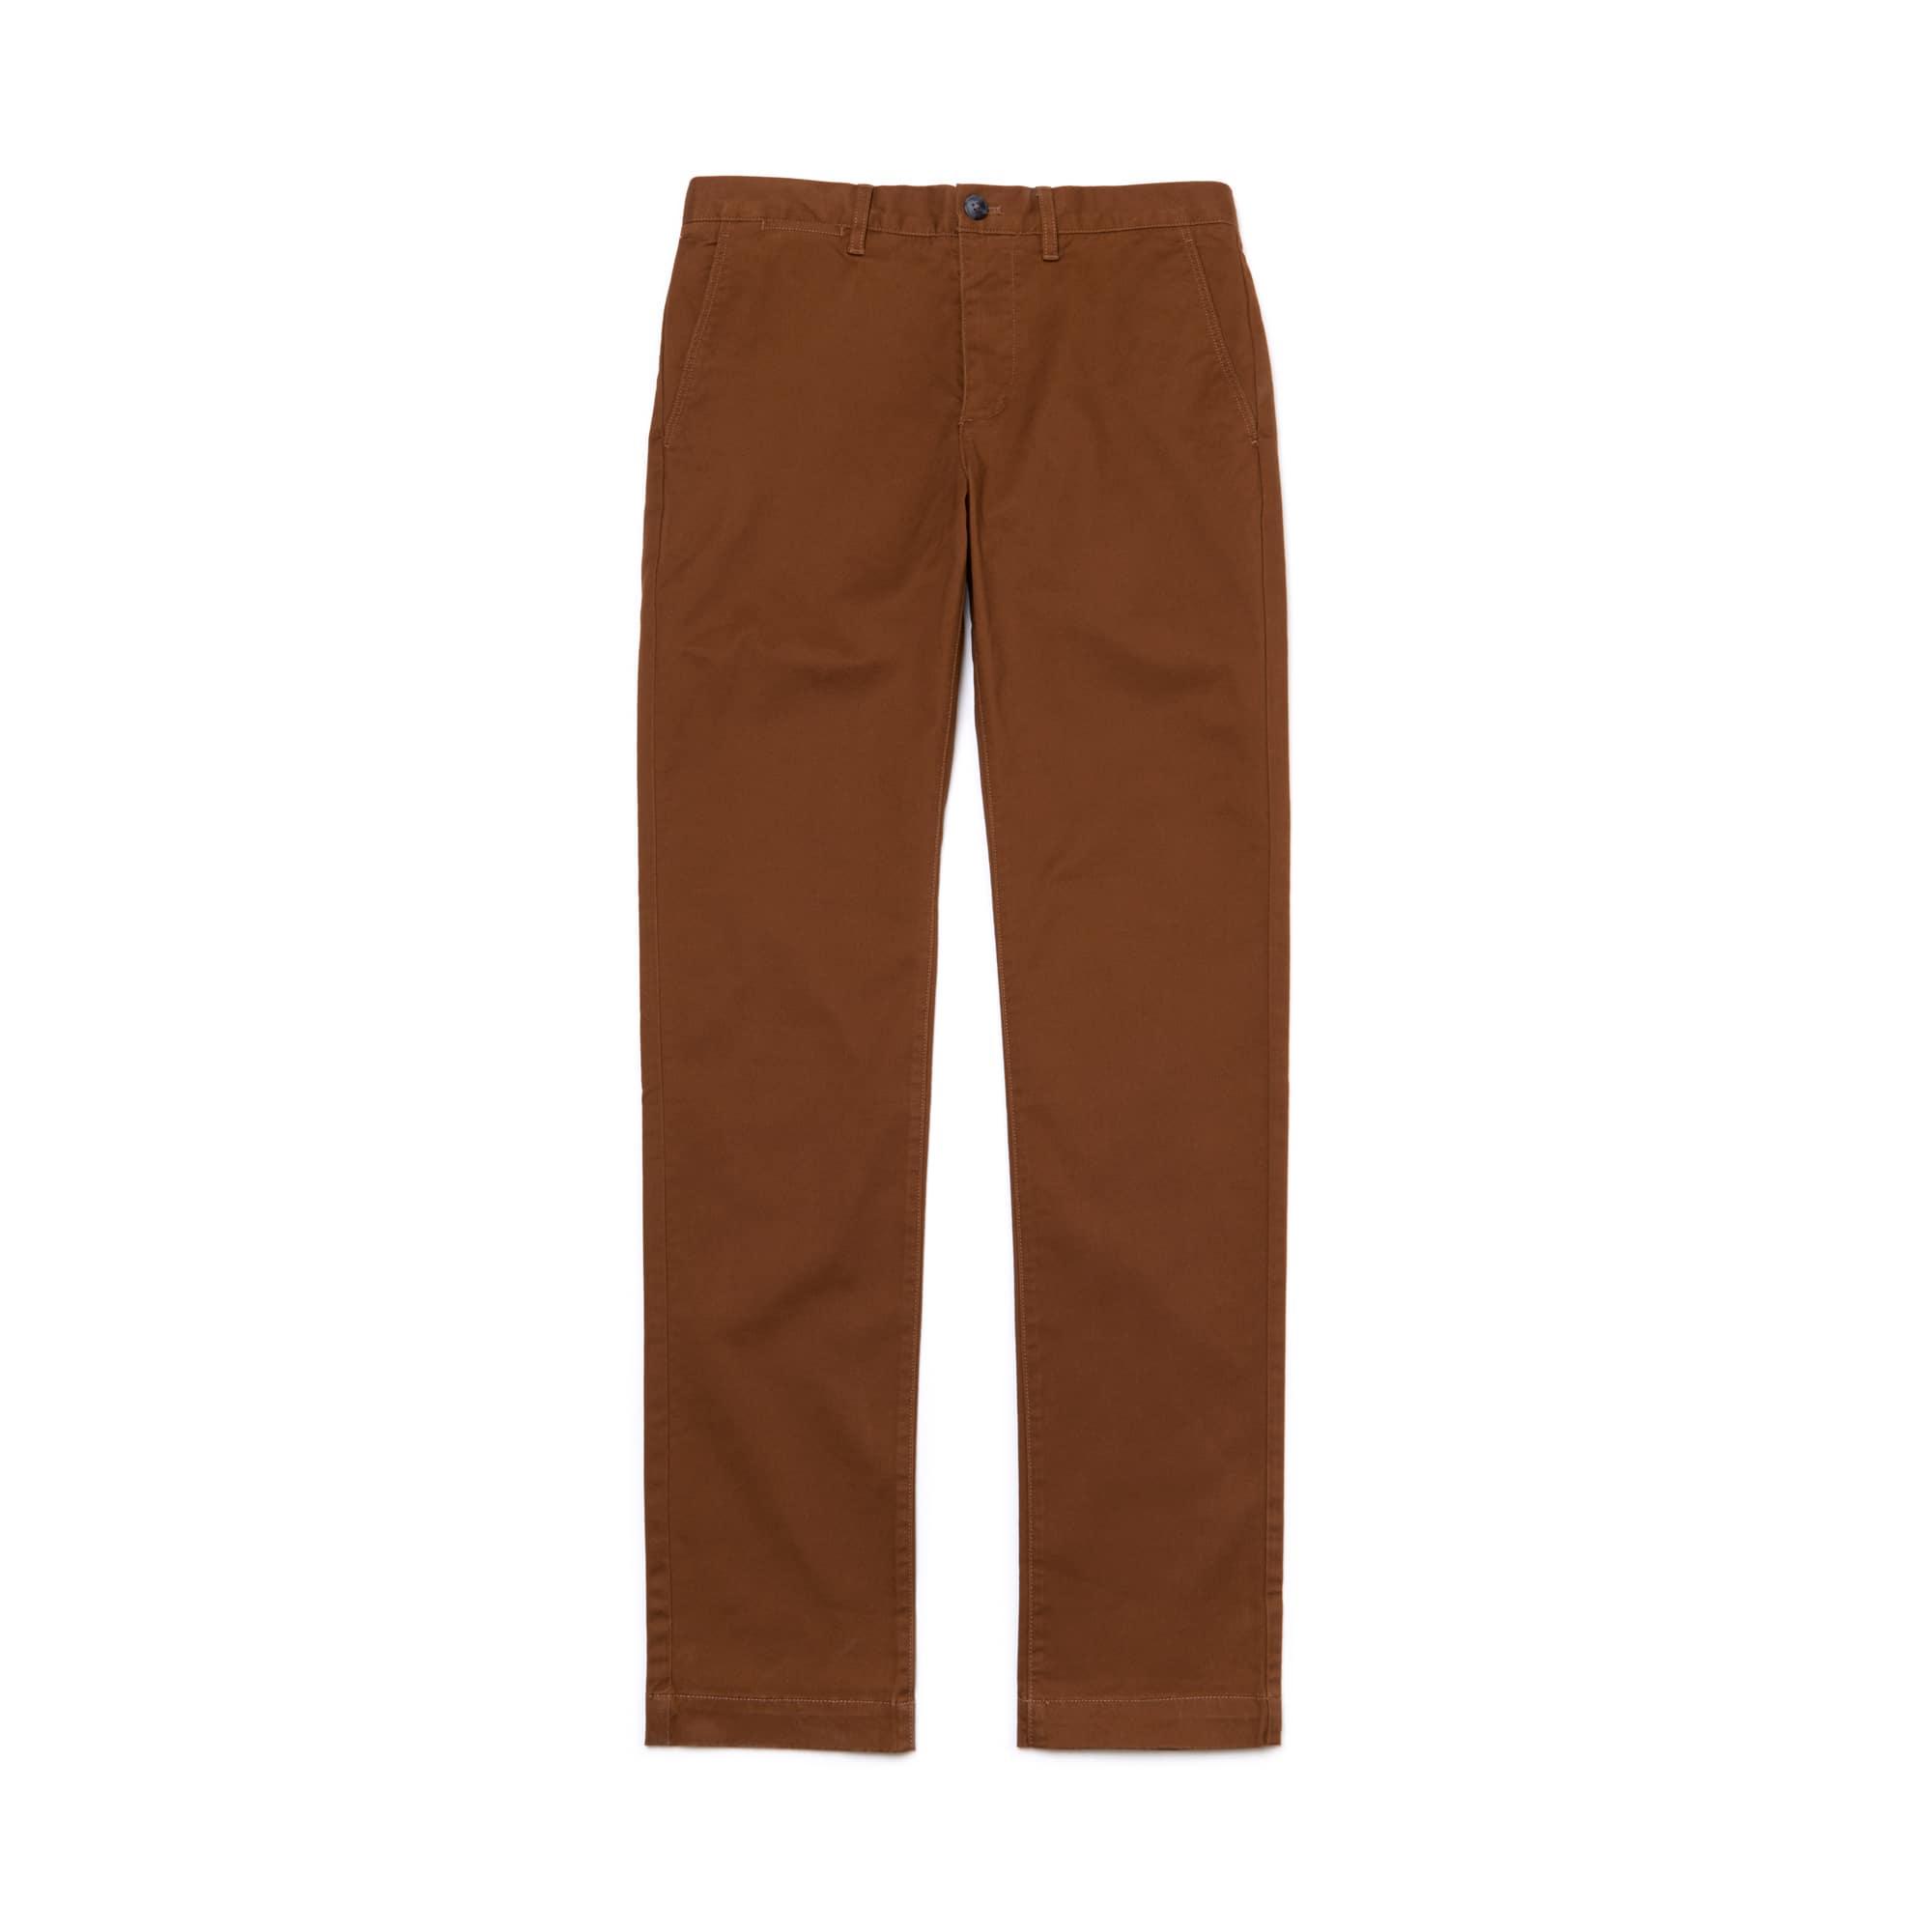 라코스테 Lacoste Mens Regular Fit Cotton Gabardine Chino Pants,brown